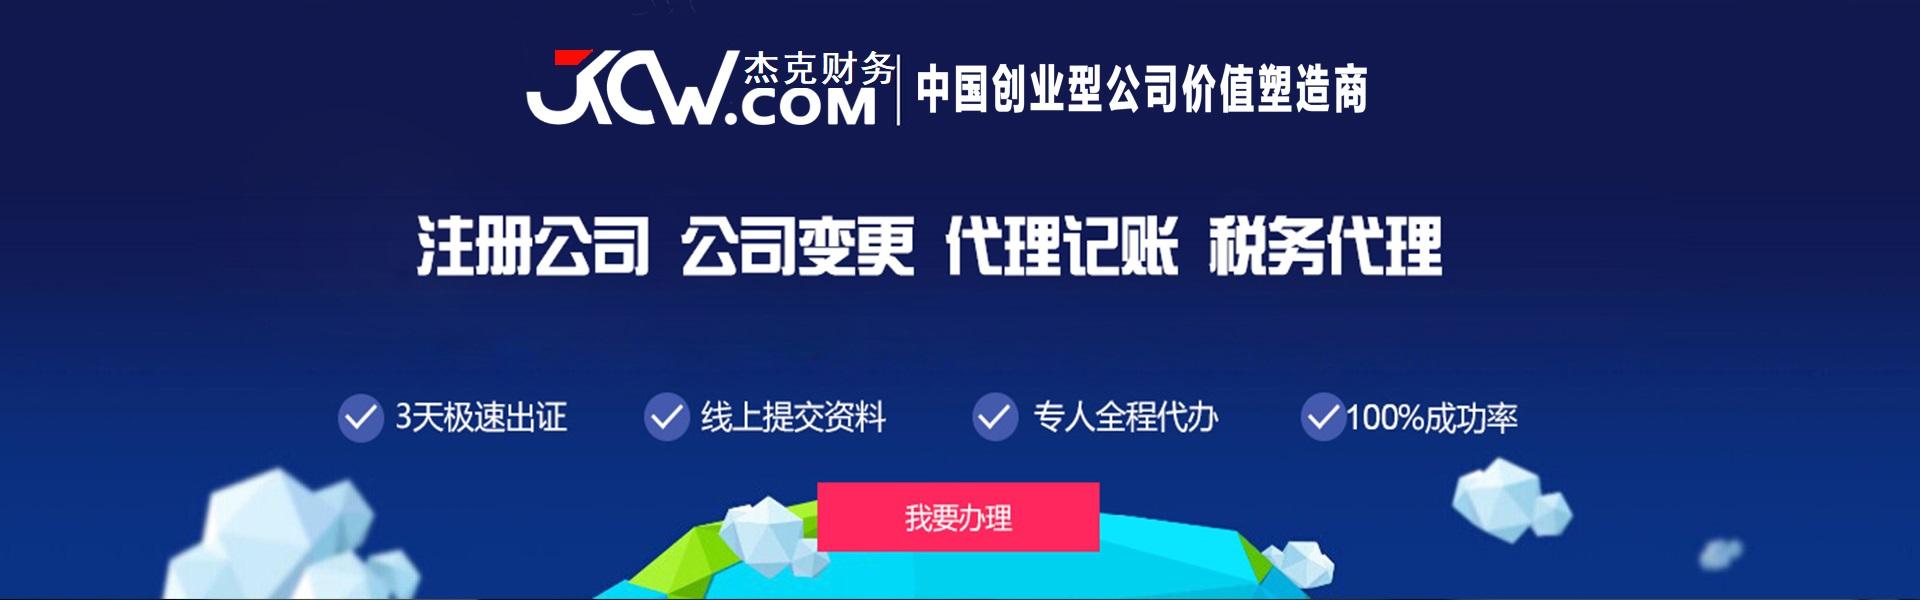 南京公司名字變更